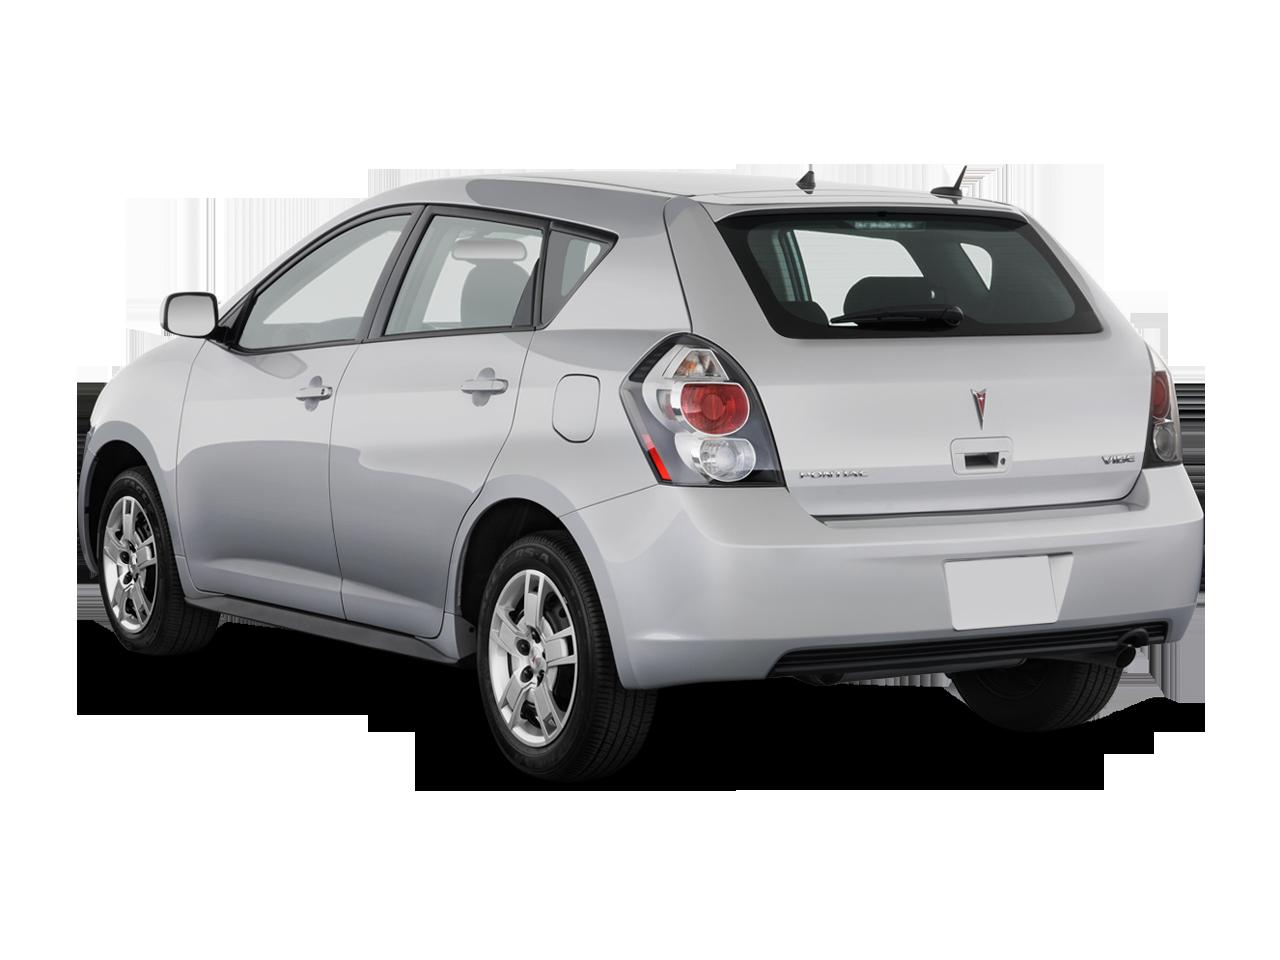 Pontiac Vibe I 2002 - 2004 Compact MPV #3